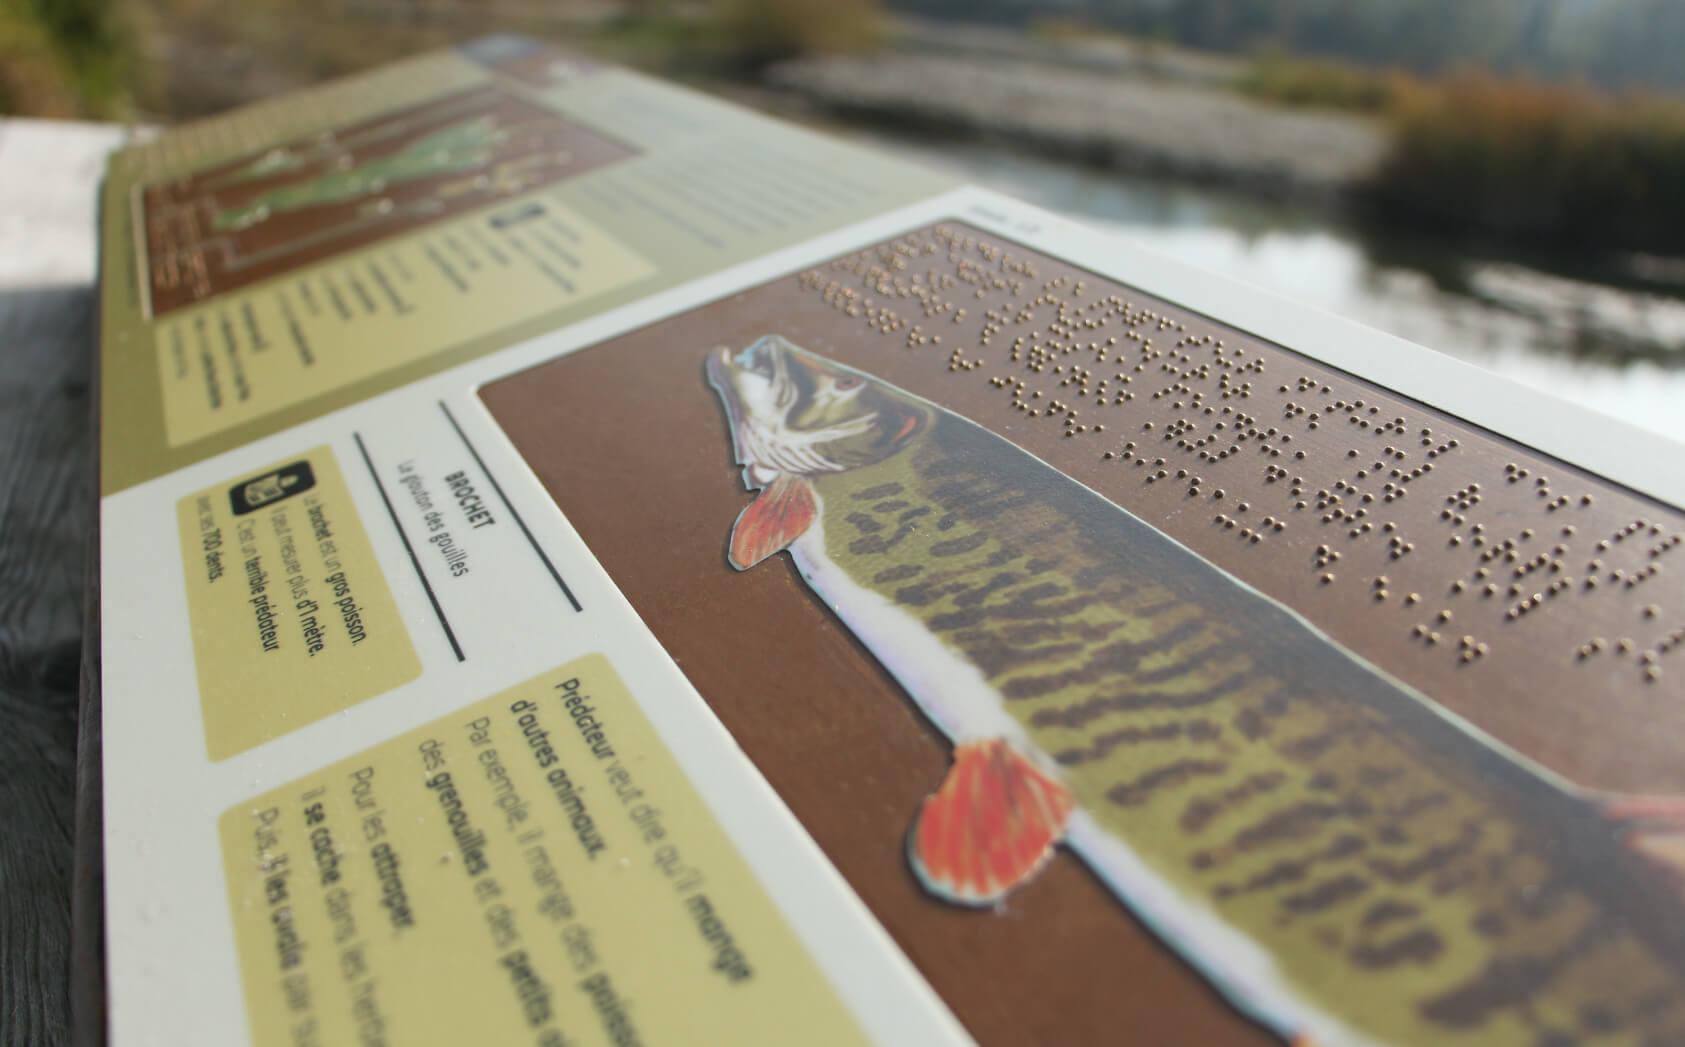 signalétique accessible en braille et falc pour le marais de l'etournel